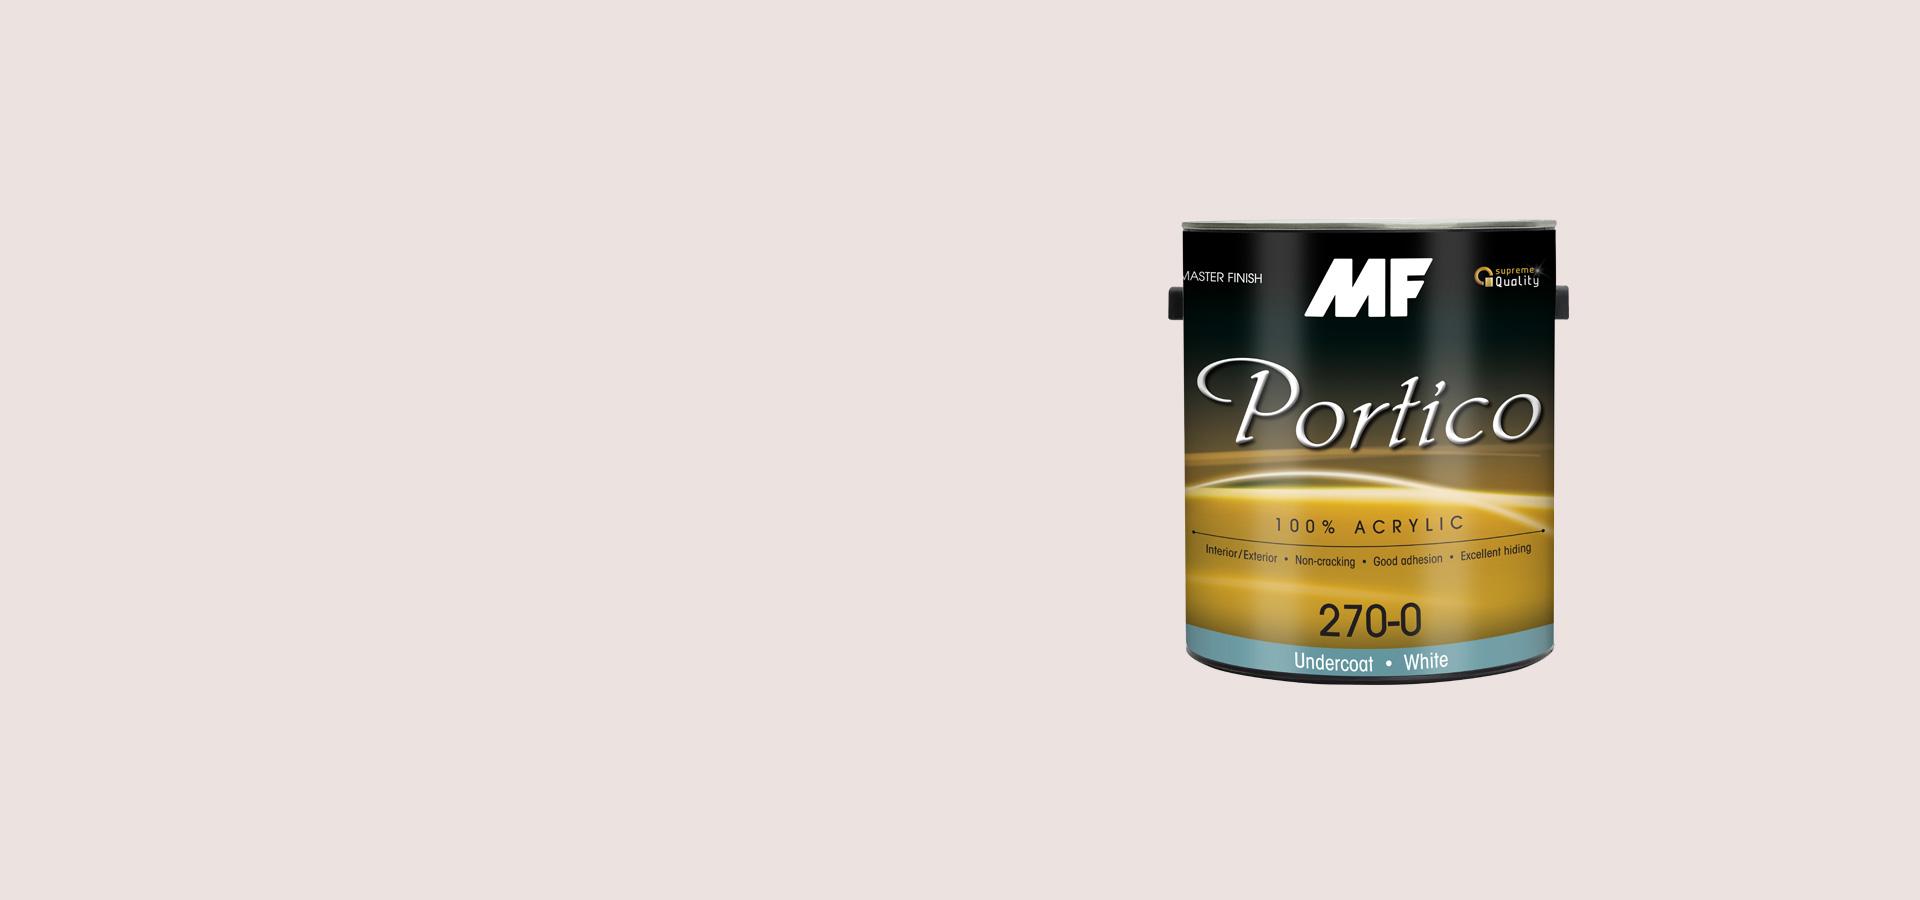 Portico-270